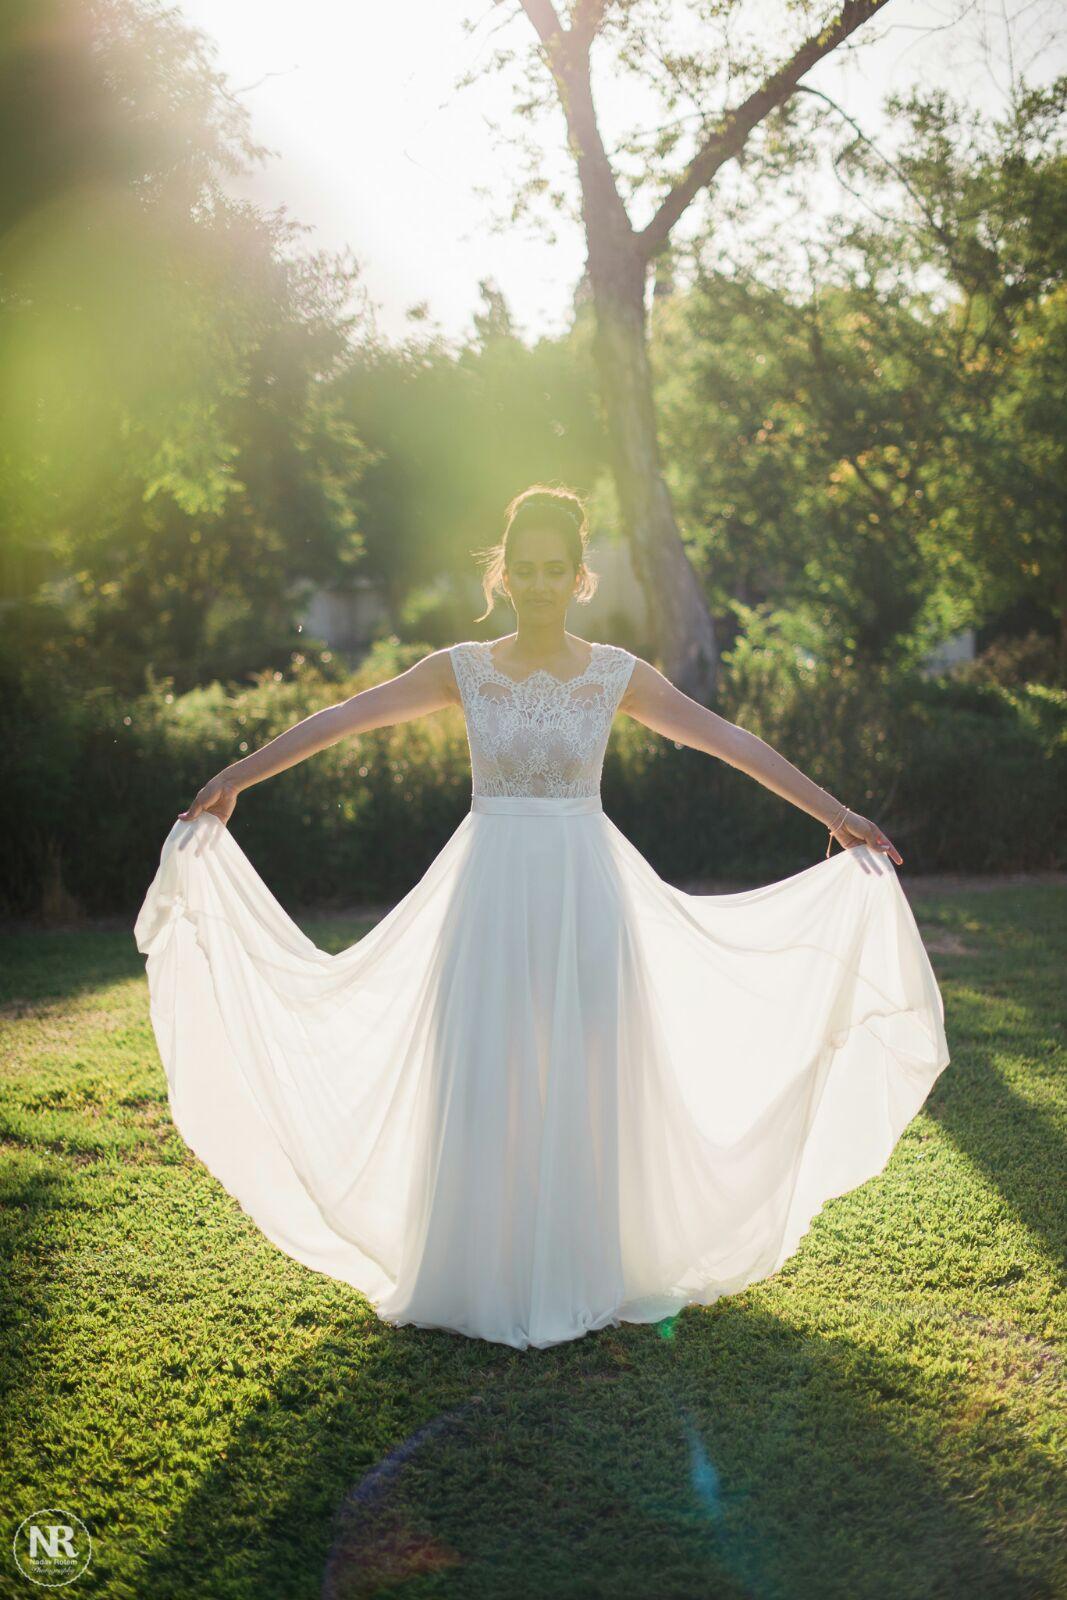 שמלת כלה מחמיאה וחולצת תחרה